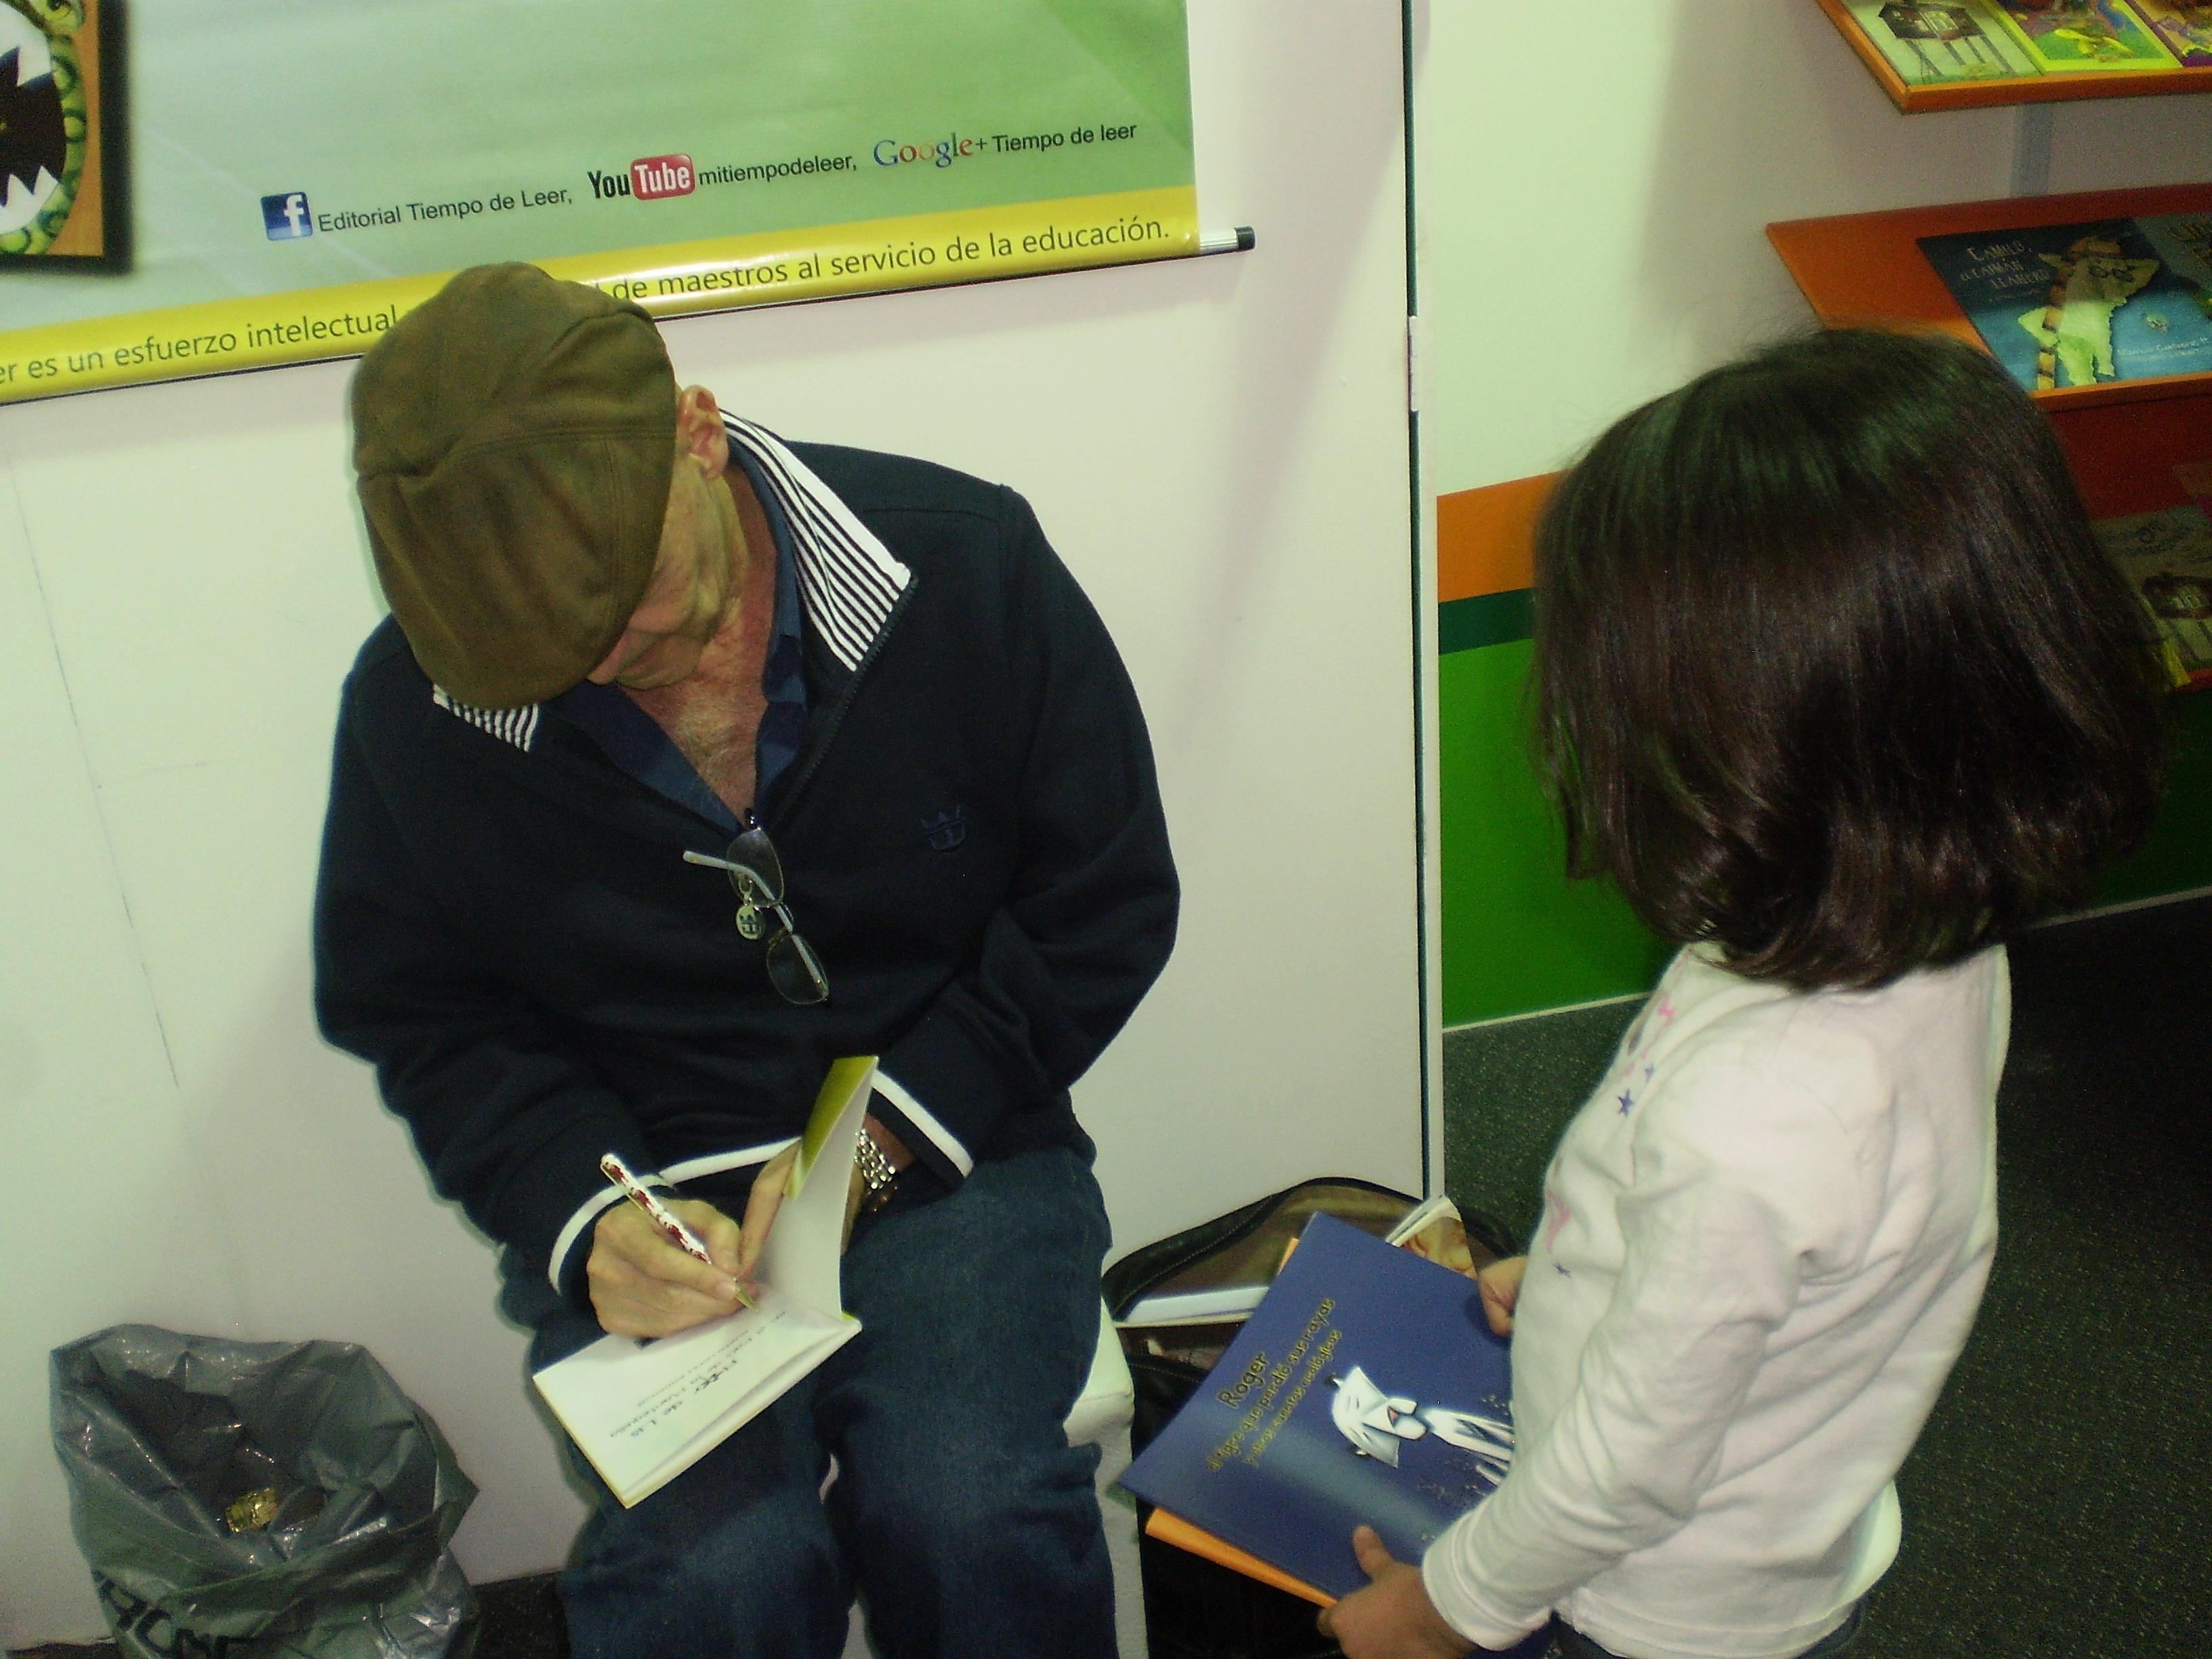 EScritor Rubén López autografia el libro para María José Salazar